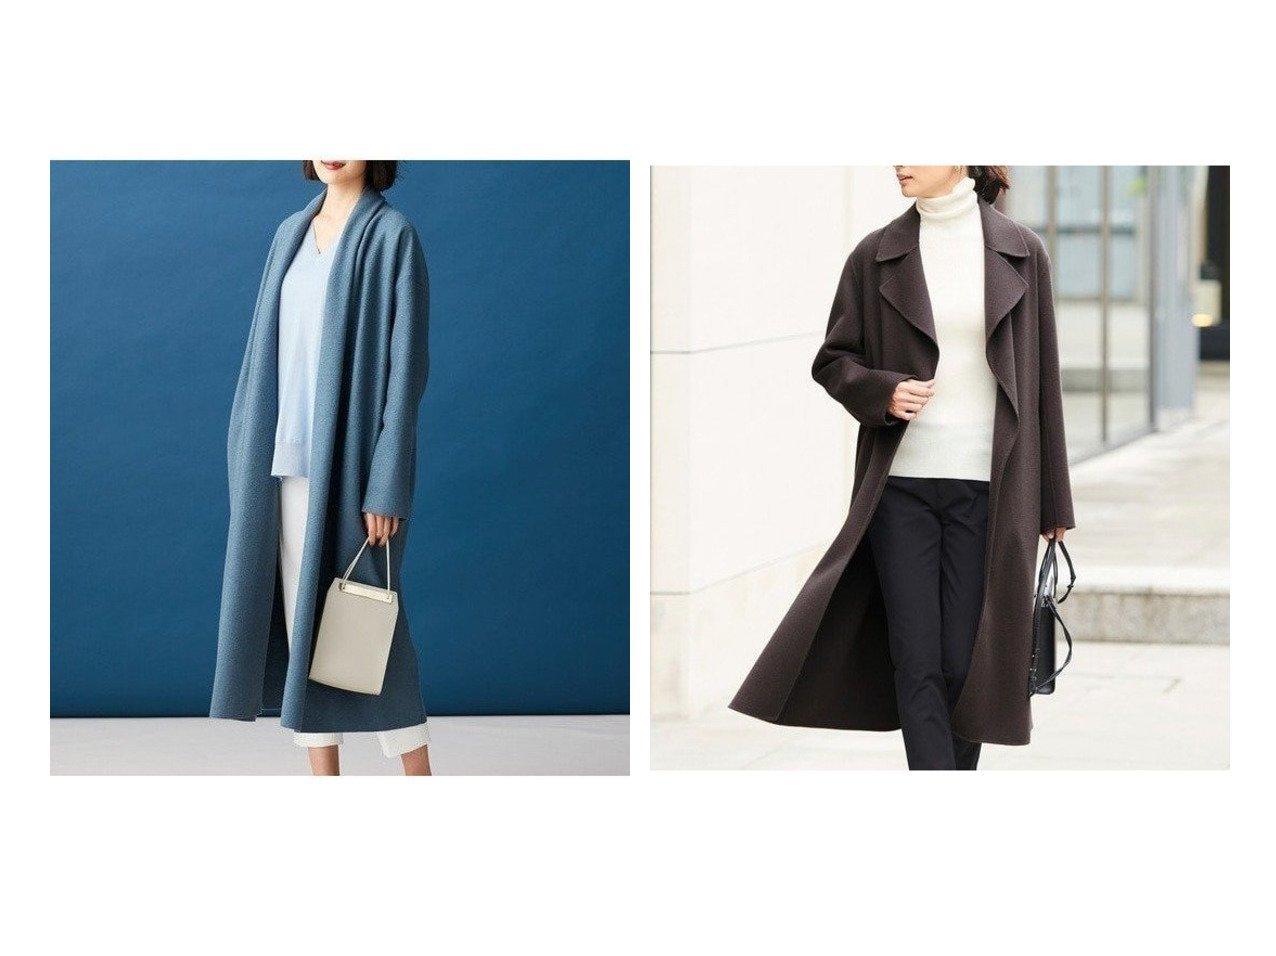 【iCB/アイシービー】のBoucle ジャケット&【マガジン掲載】Wool Rever ベルテッドコート(番号CJ25) アウターのおすすめ!人気、レディースファッションの通販 おすすめで人気のファッション通販商品 インテリア・家具・キッズファッション・メンズファッション・レディースファッション・服の通販 founy(ファニー) https://founy.com/ ファッション Fashion レディース WOMEN アウター Coat Outerwear ジャケット Jackets コート Coats インナー カットソー カーディガン ジャケット スキニー エレガント カシミヤ ショート ダブル フェイス ラグジュアリー 冬 Winter 秋冬 A/W Autumn/ Winter |ID:crp329100000001008